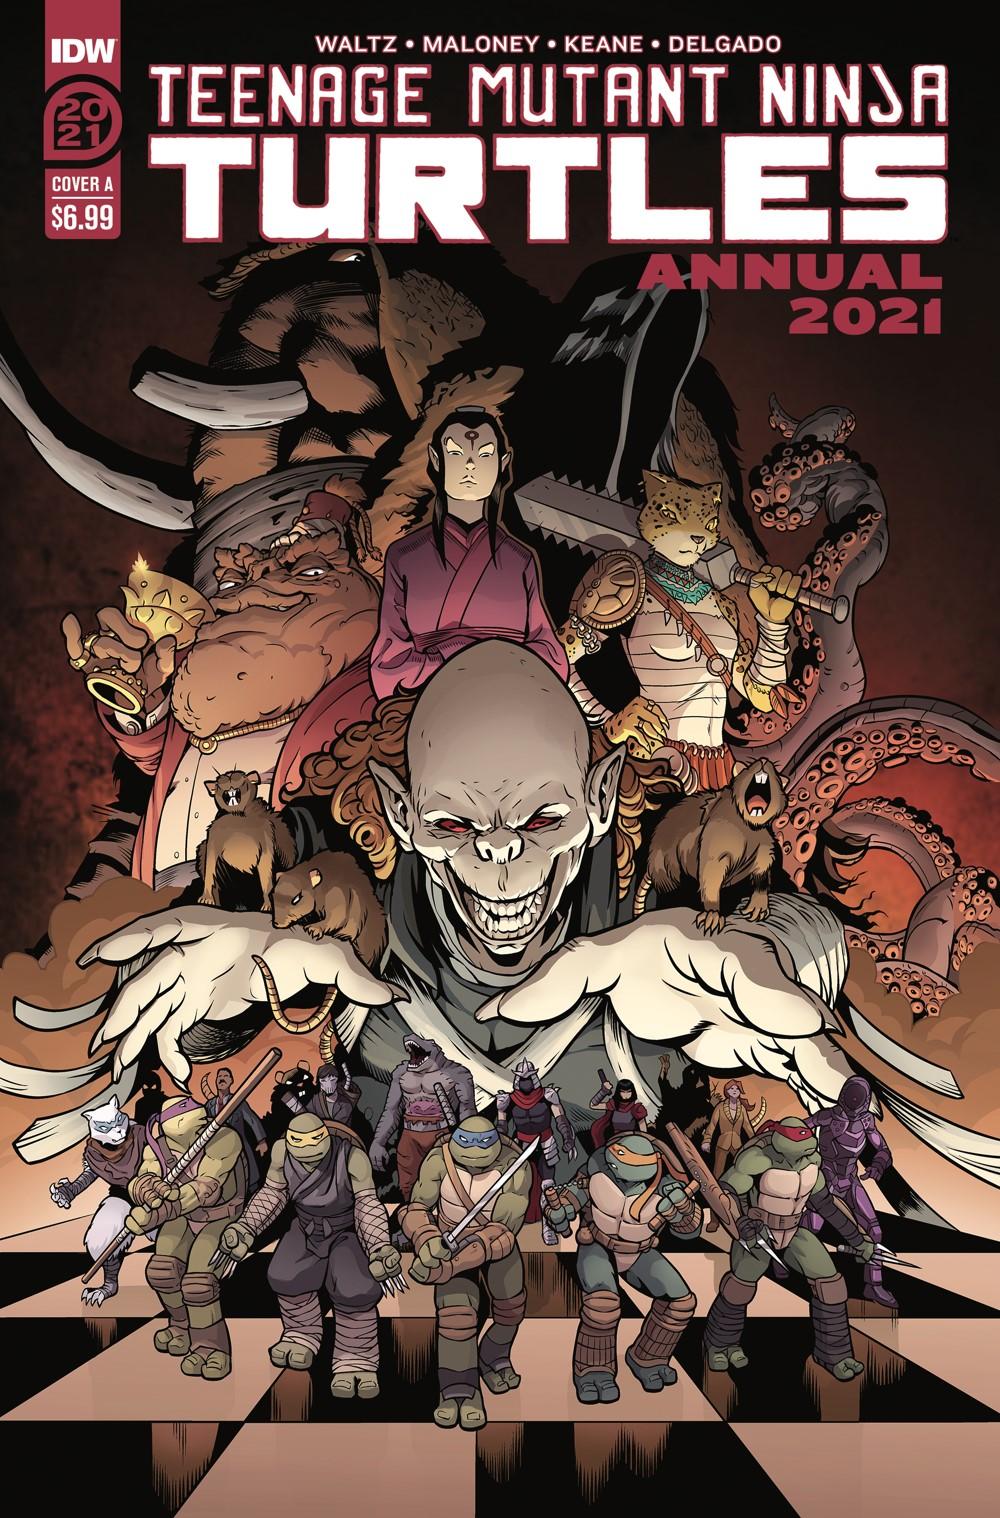 TMNT-Annual2021_cvrA ComicList Previews: TEENAGE MUTANT NINJA TURTLES ANNUAL 2021